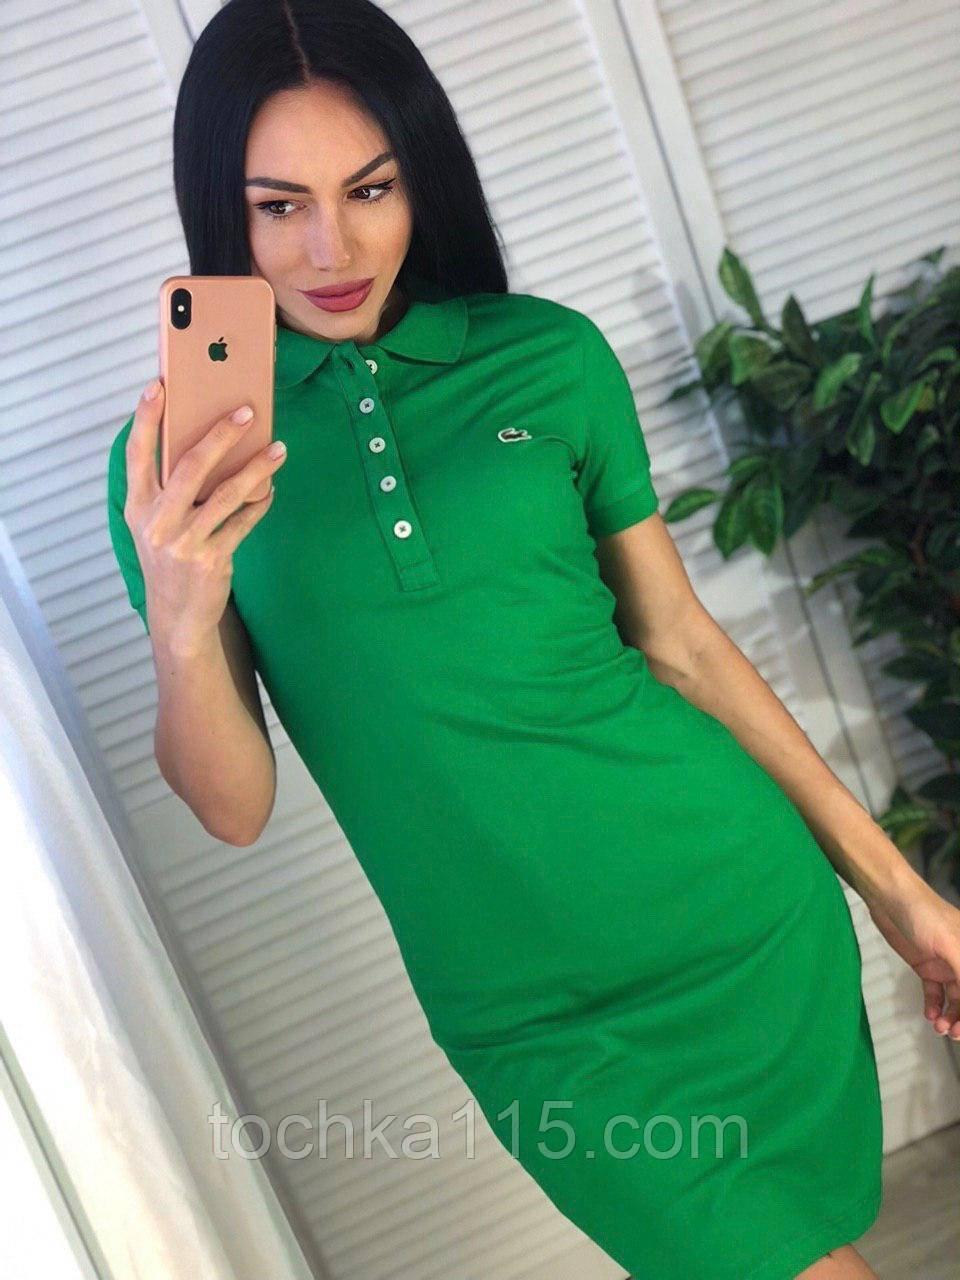 Спорт платье, в стиле Lacoste, очень стильное, S/M/L/XL/XXL, цвет зеленый